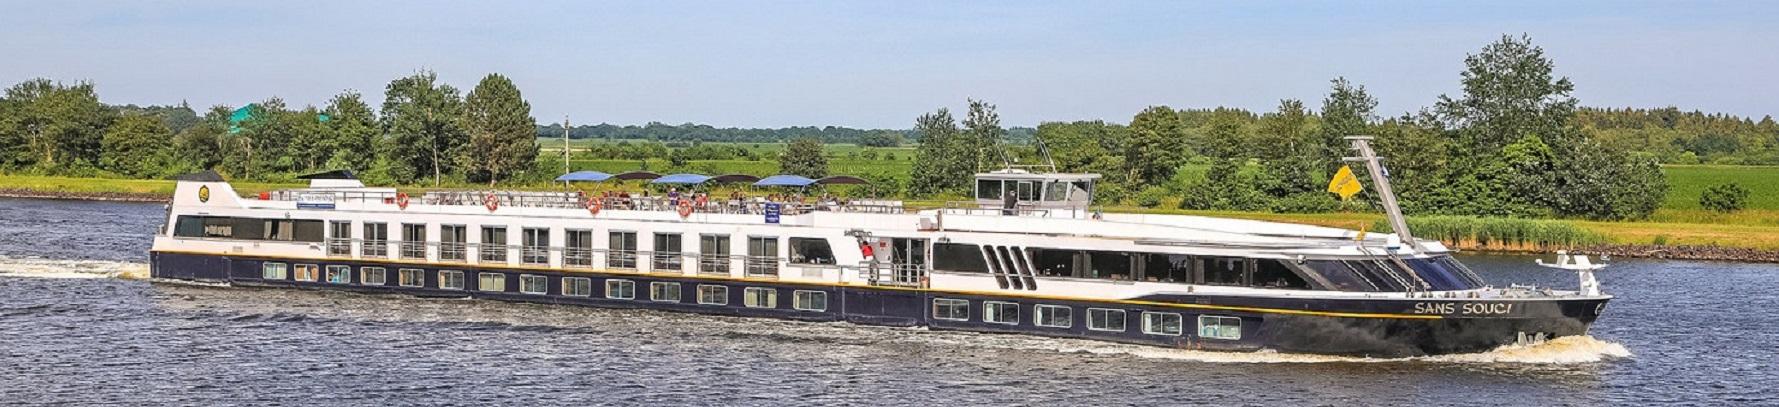 Flusskreuzfahrten Elbe, Havel, Moldau, Oder und Ostsee